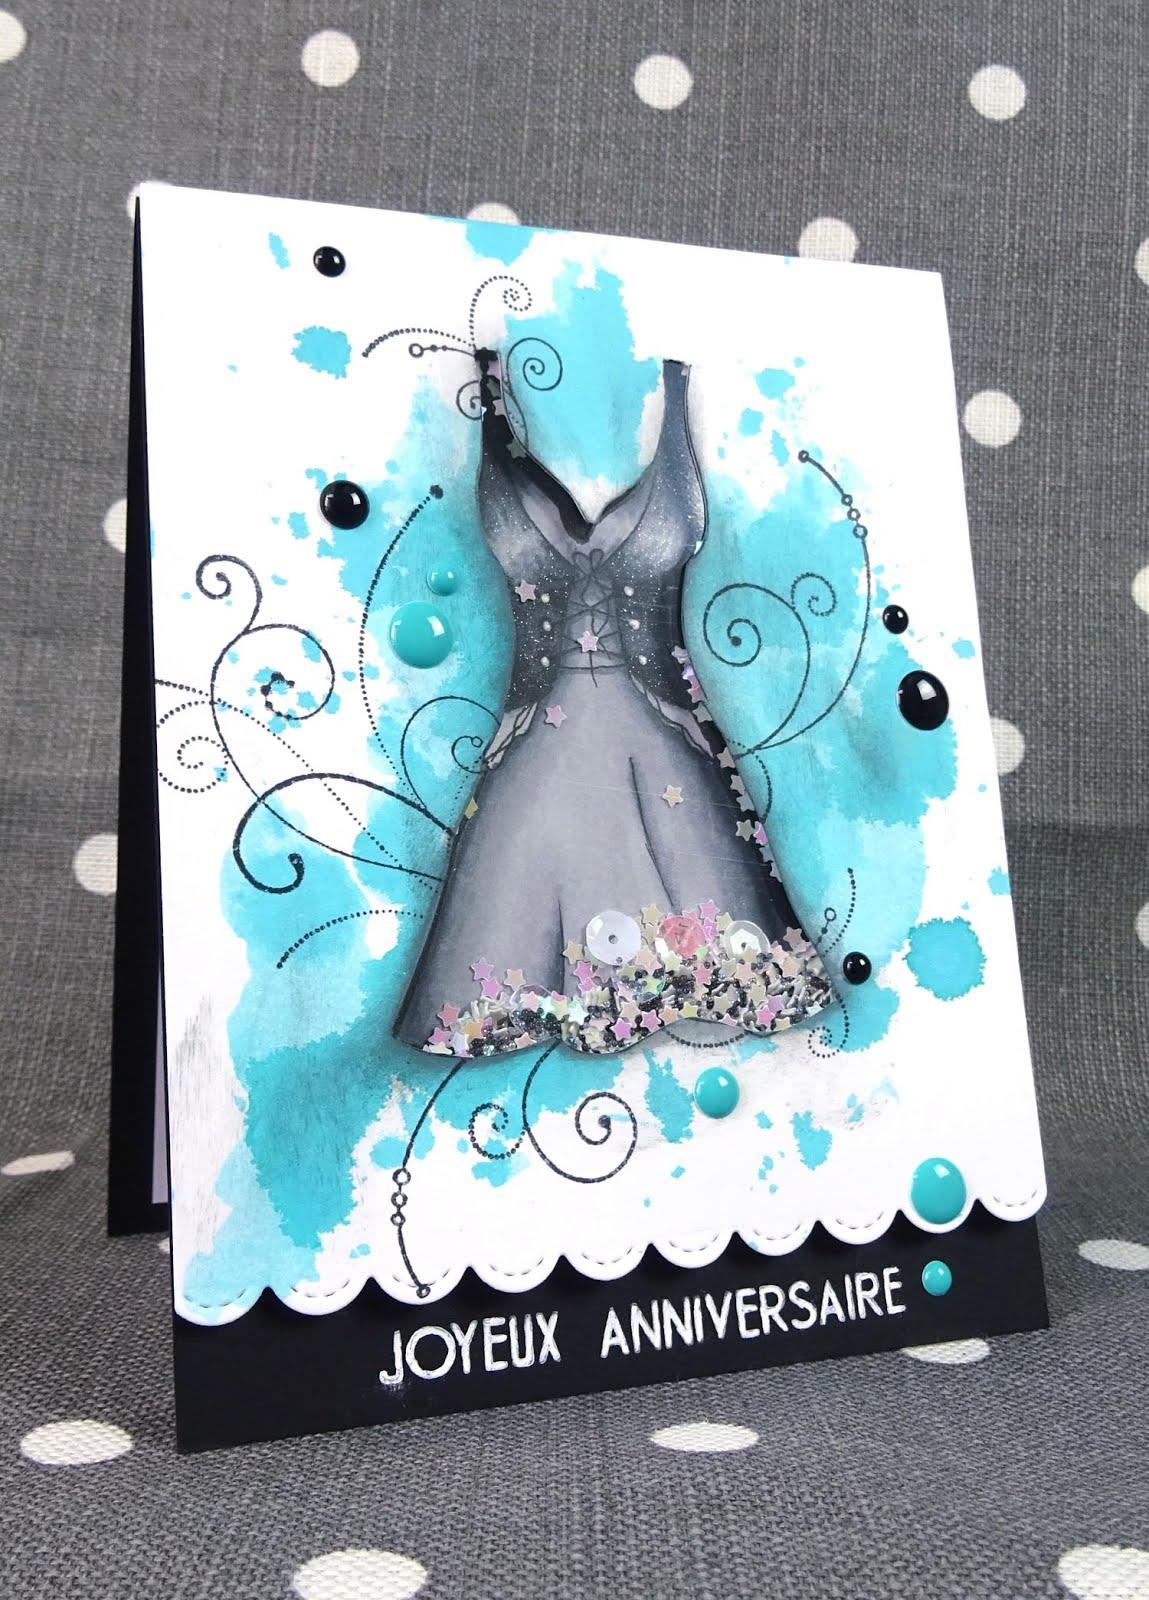 Anniversaire Carte La Robe Petite Noire BrCoxWeQdE